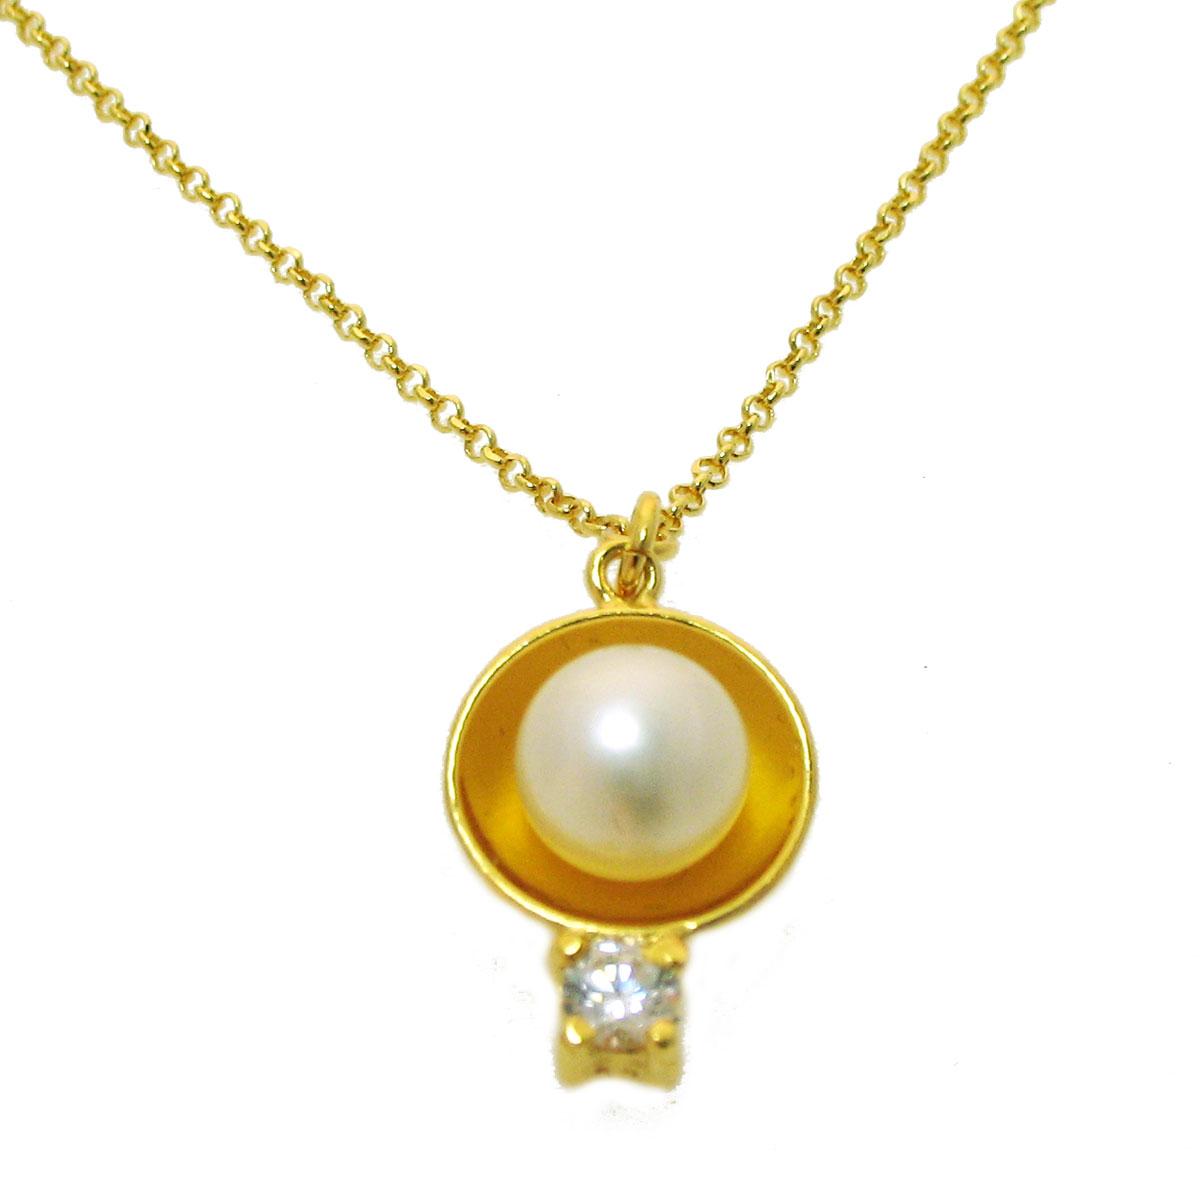 Χειροποίητο κολιέ από επιχρυσωμένο ασήμι 925ο με ημιπολύτιμες πέτρες  (Πέρλες και Ζιργκόν).  IJ-040006  e0dee5b8606